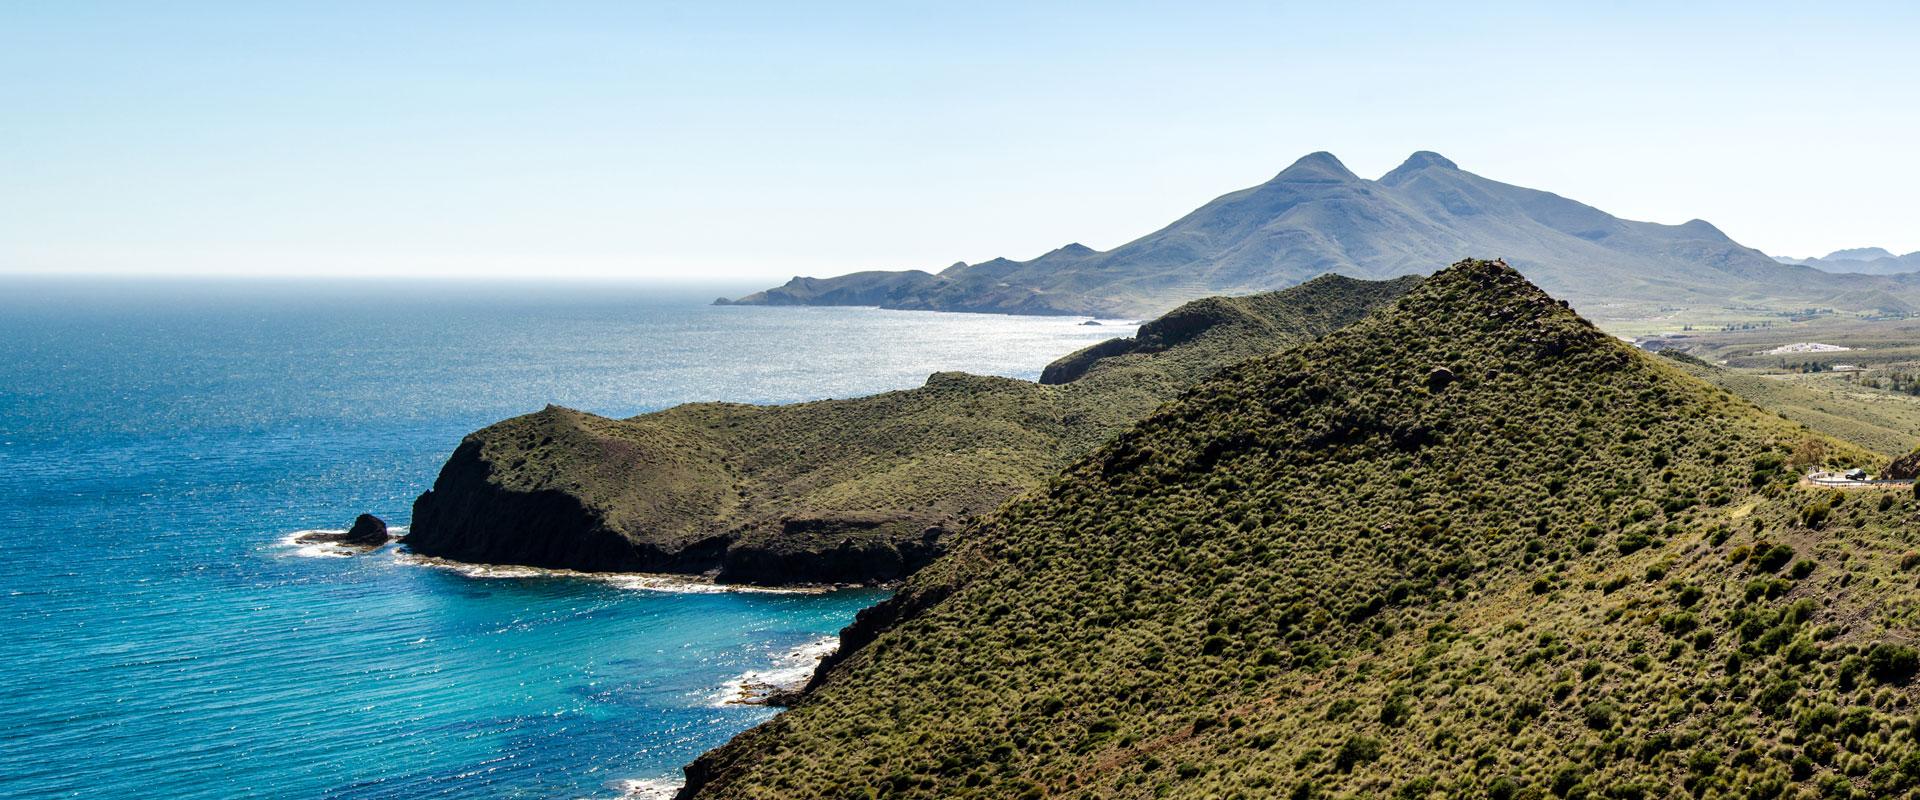 Andalusien: Cabo de Gata